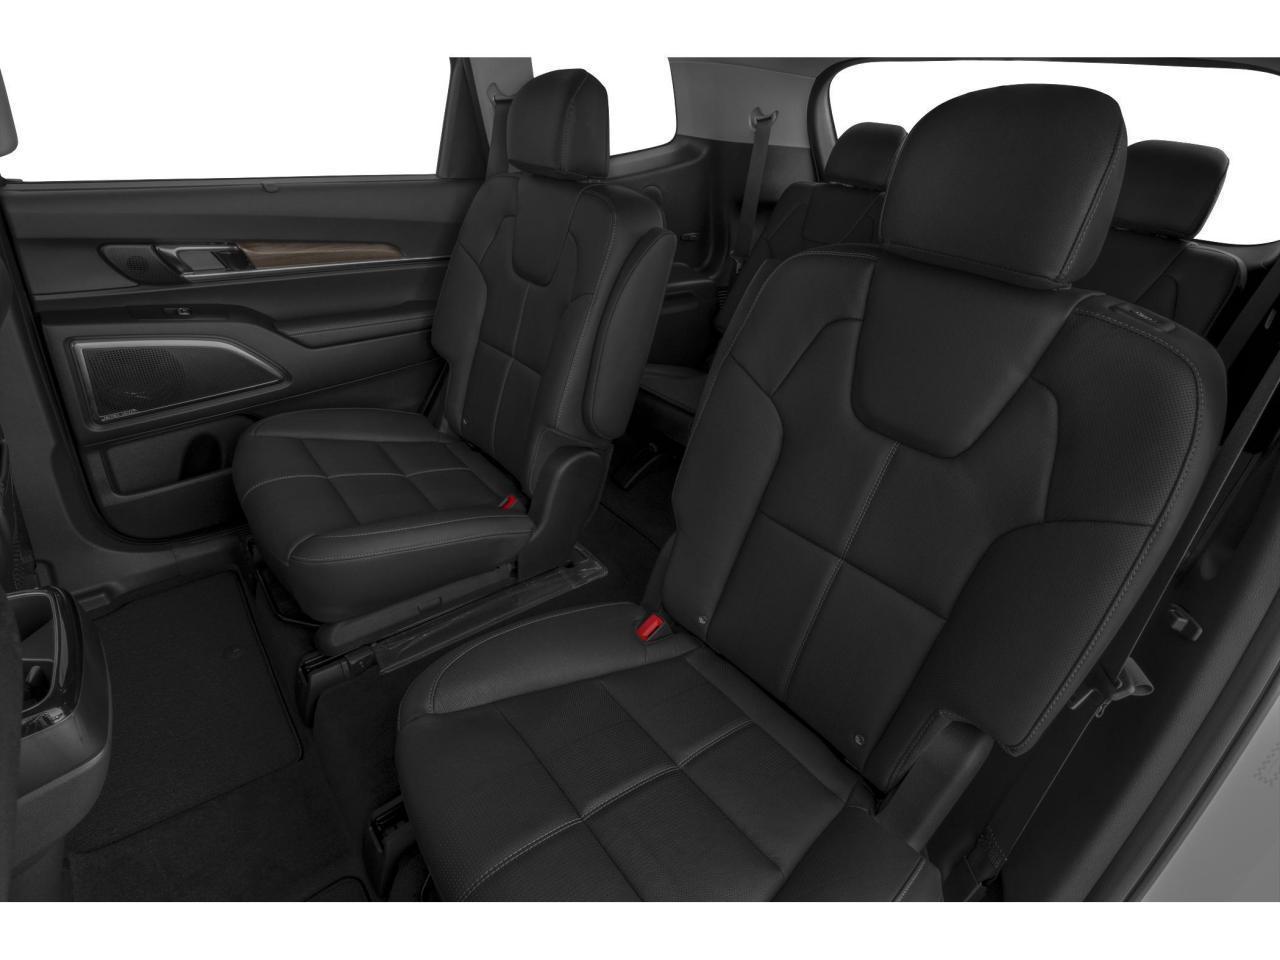 2021 Kia Telluride SX LIMITED- BLACK STYLING